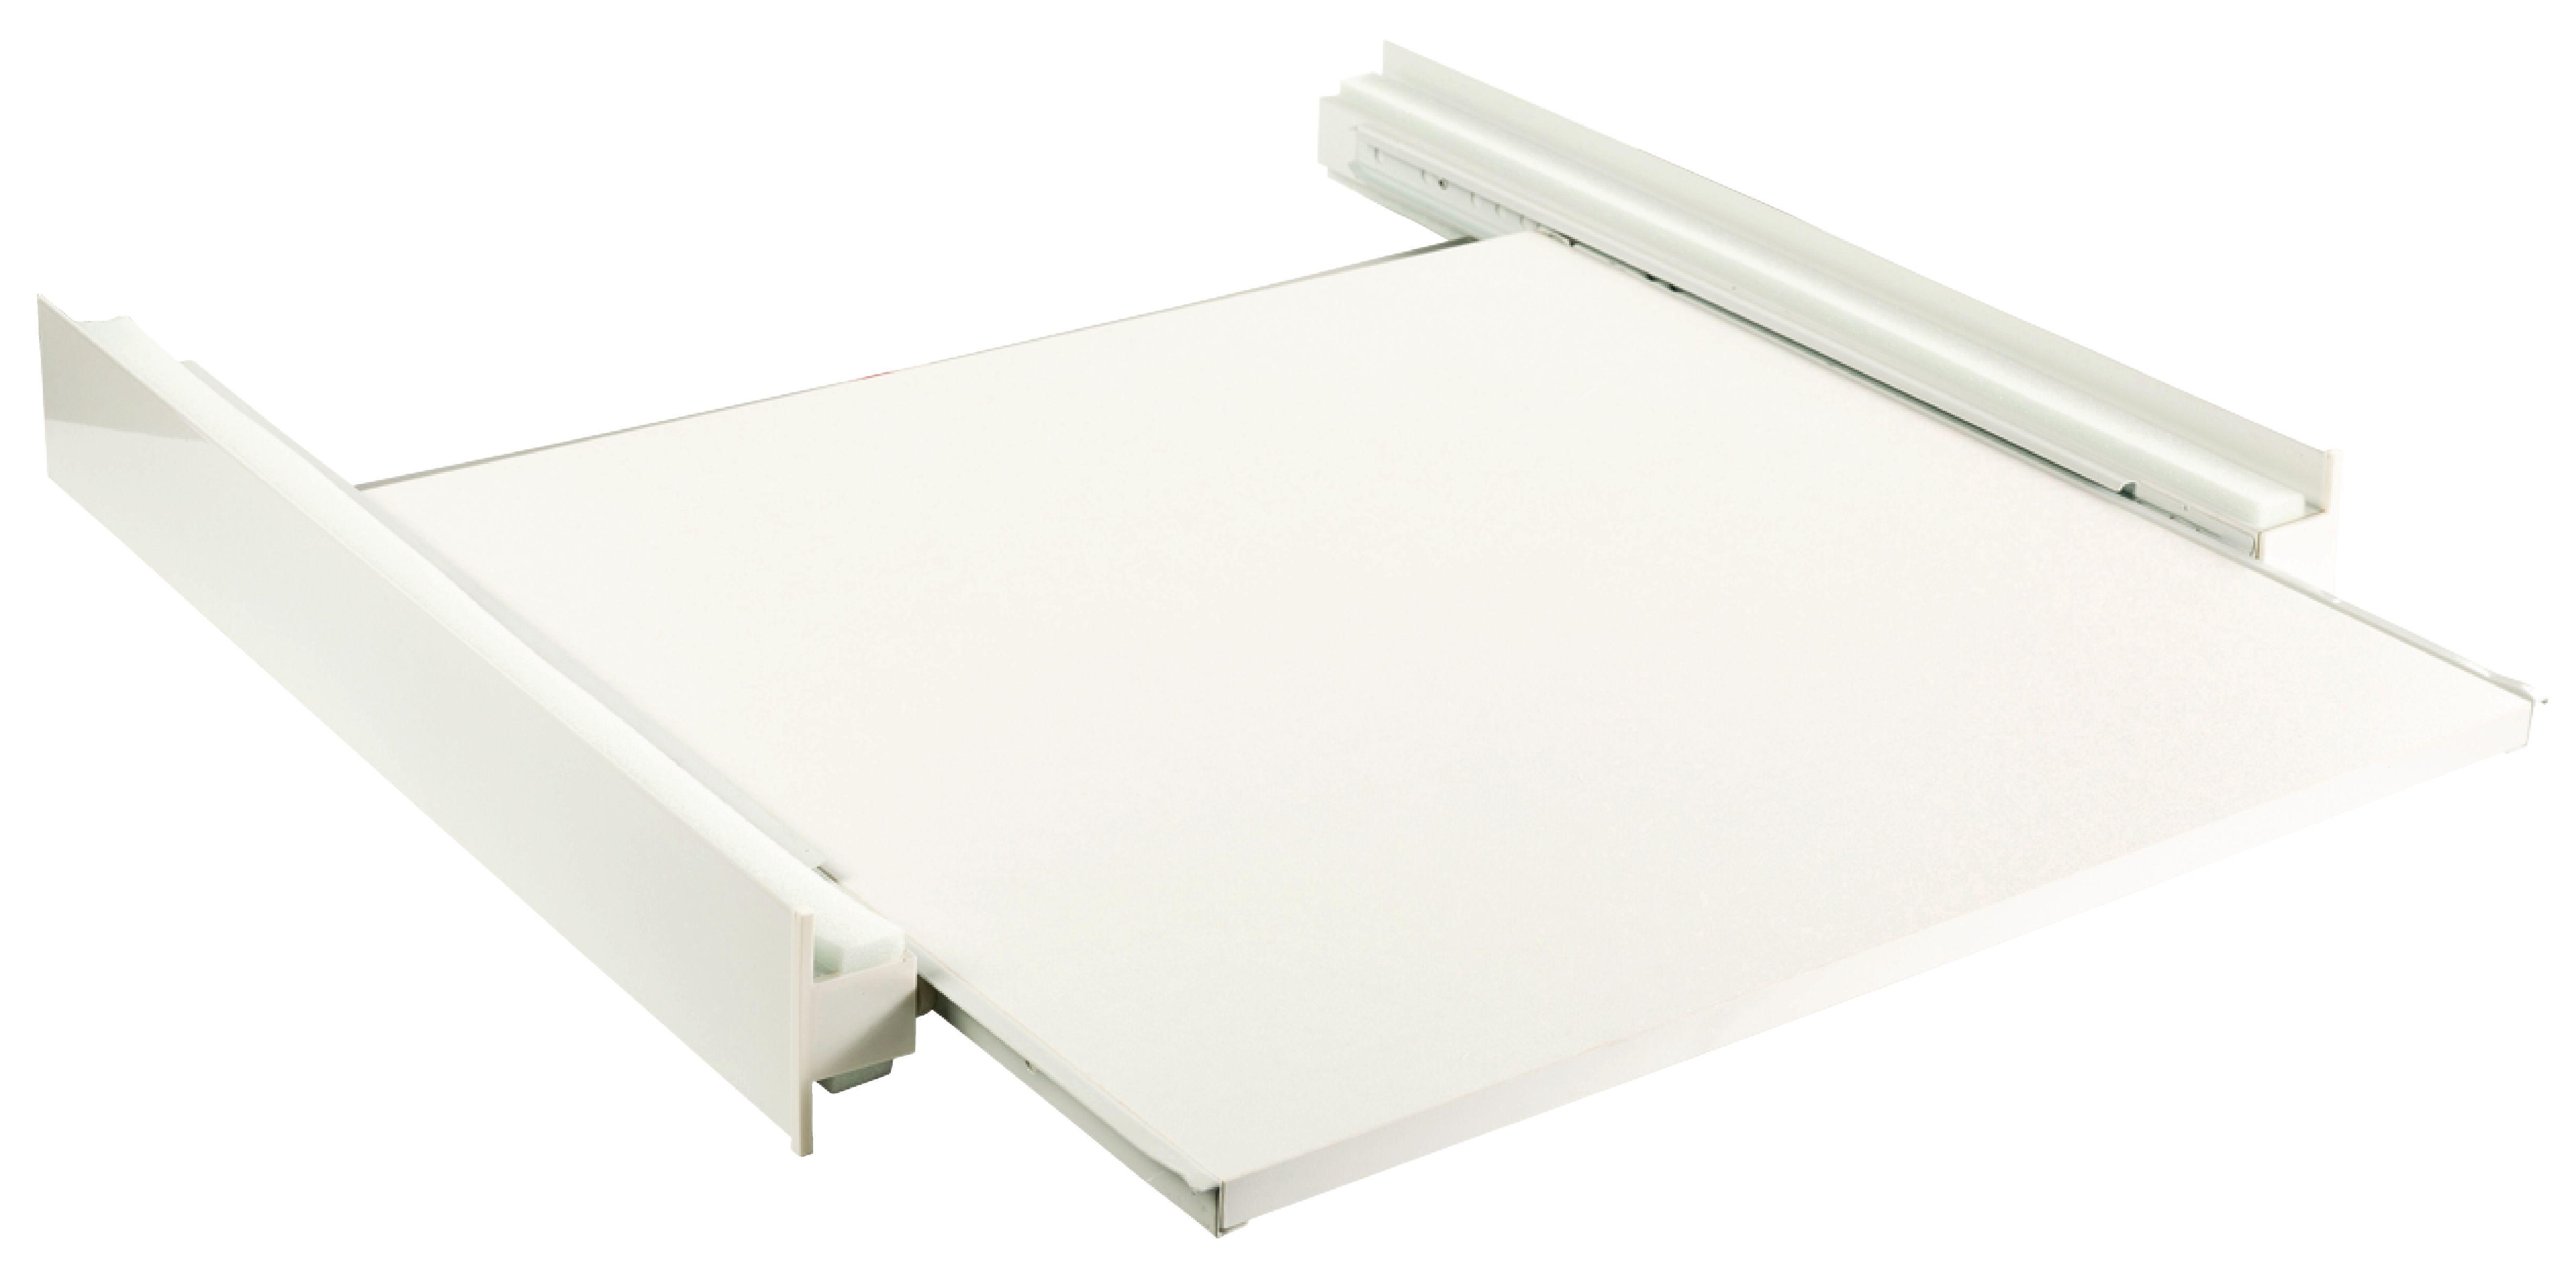 Stohovací sada pračka / sušička 60.7 cm HQ W9-20528-4